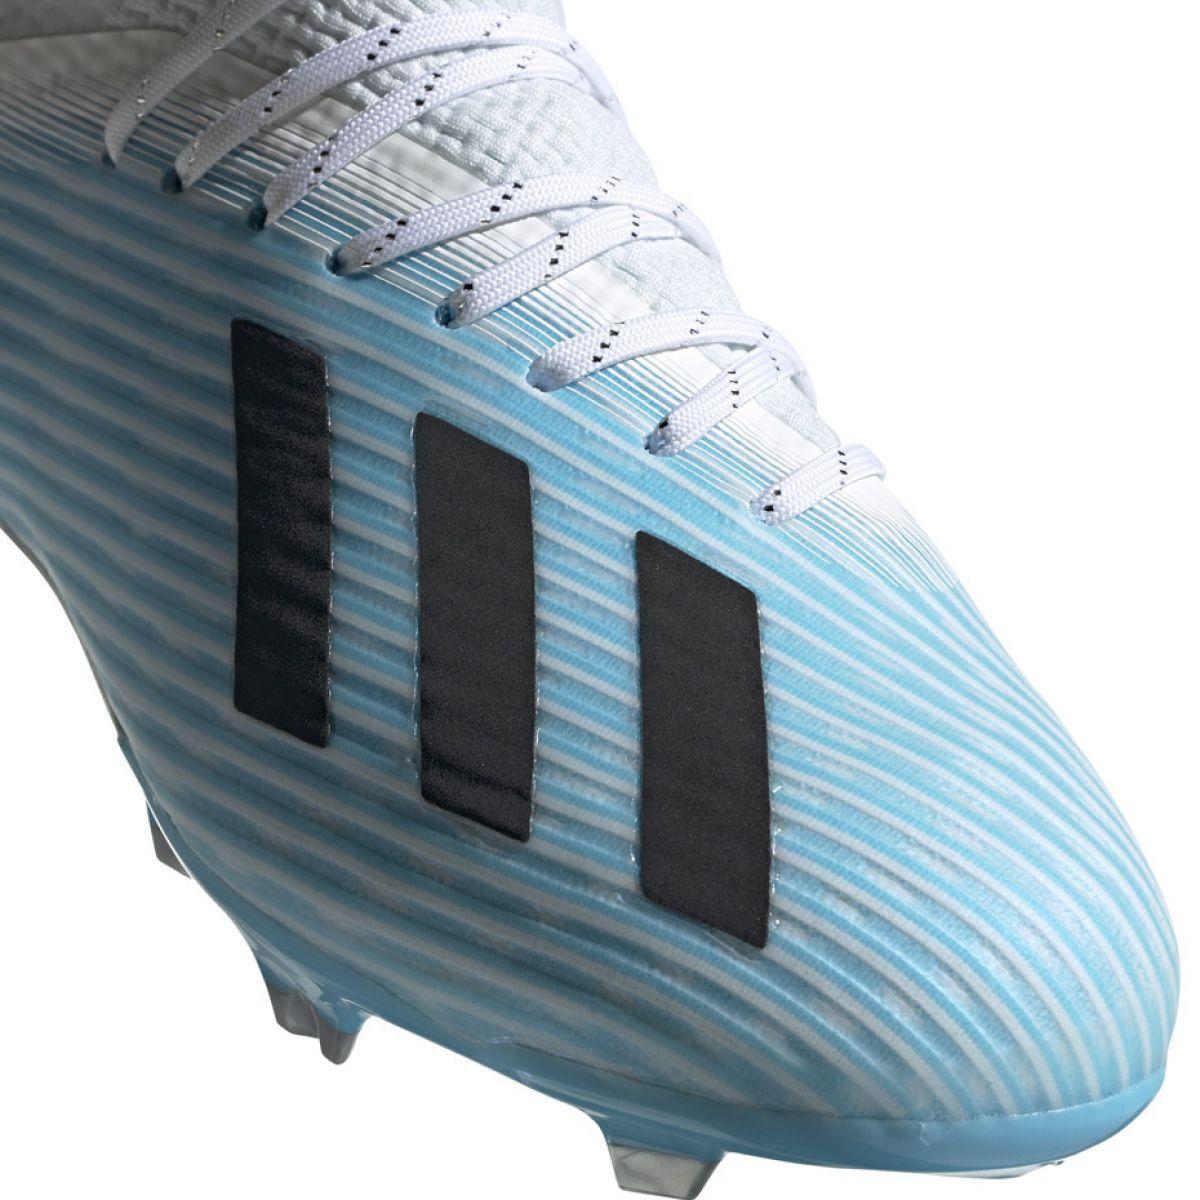 Adidas X 19 1 Fg Jr F35684 Football Shoes Multicolored Blue Football Shoes Football Adidas Football